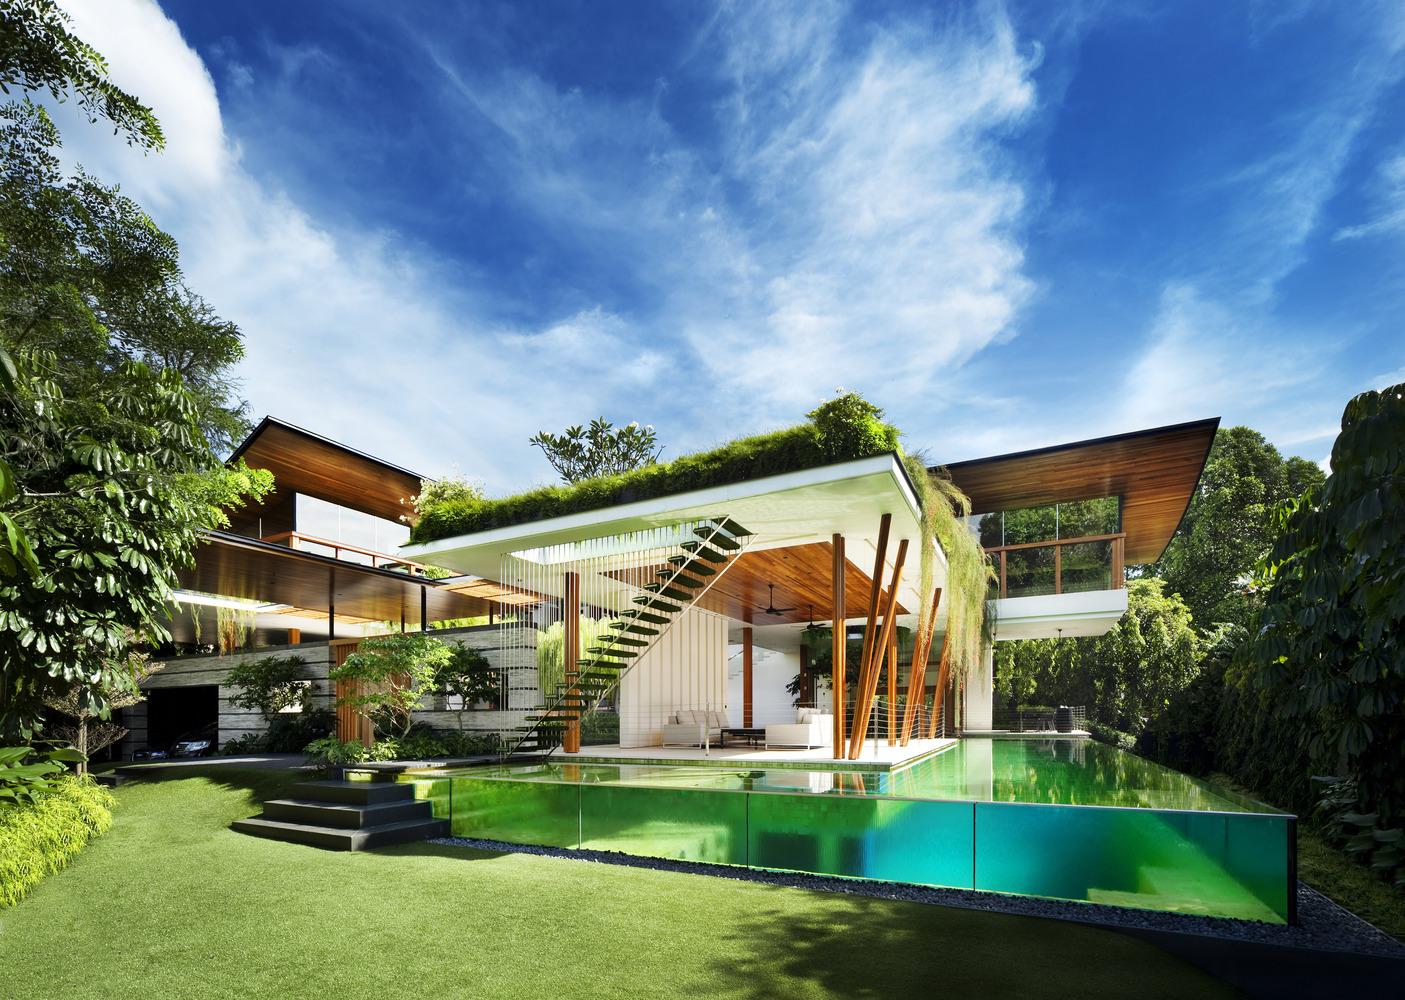 willow-house-termeszetkozelben-noko-01.jpg